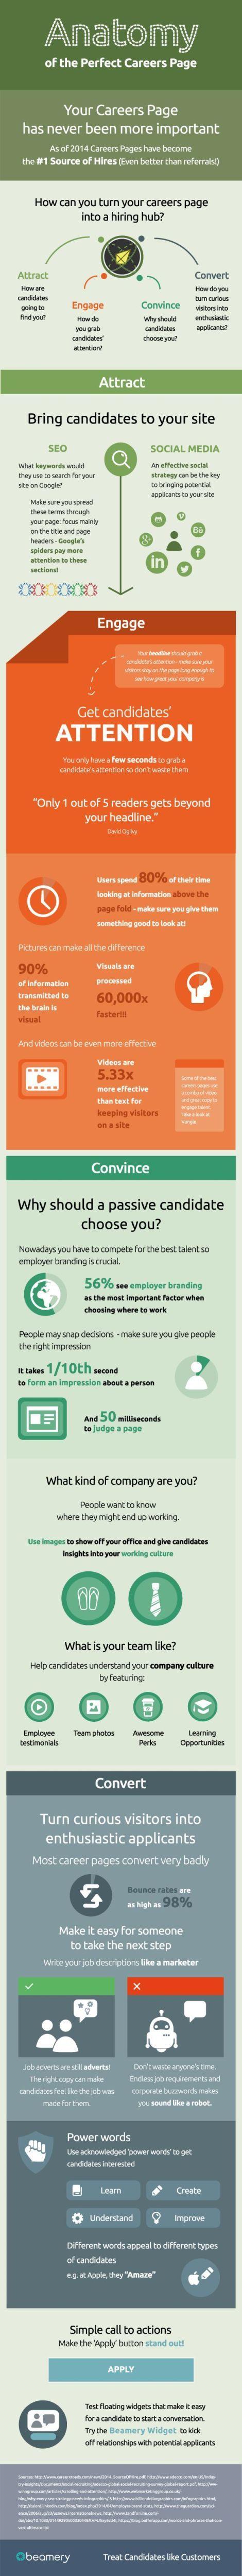 Anatomie der perfekten Karrierewebsite - Infografik von blog.beamery.com